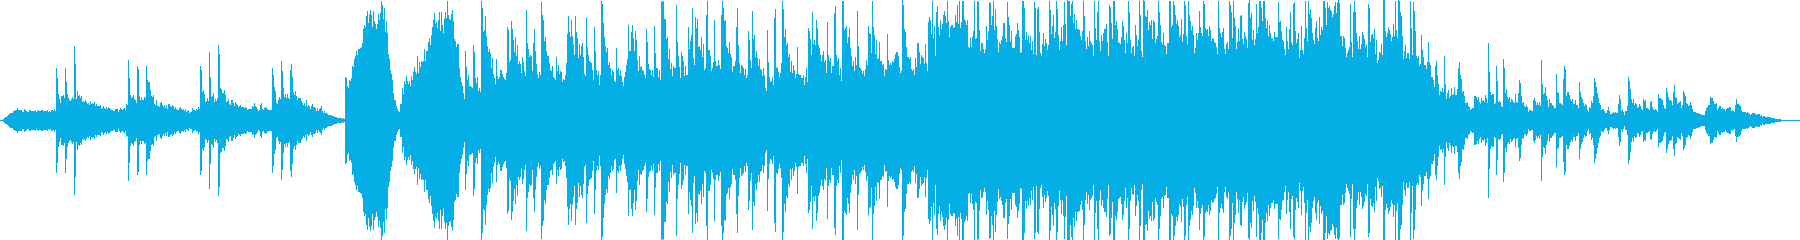 明るく大きな世界観のオーケストラ系の再生済みの波形